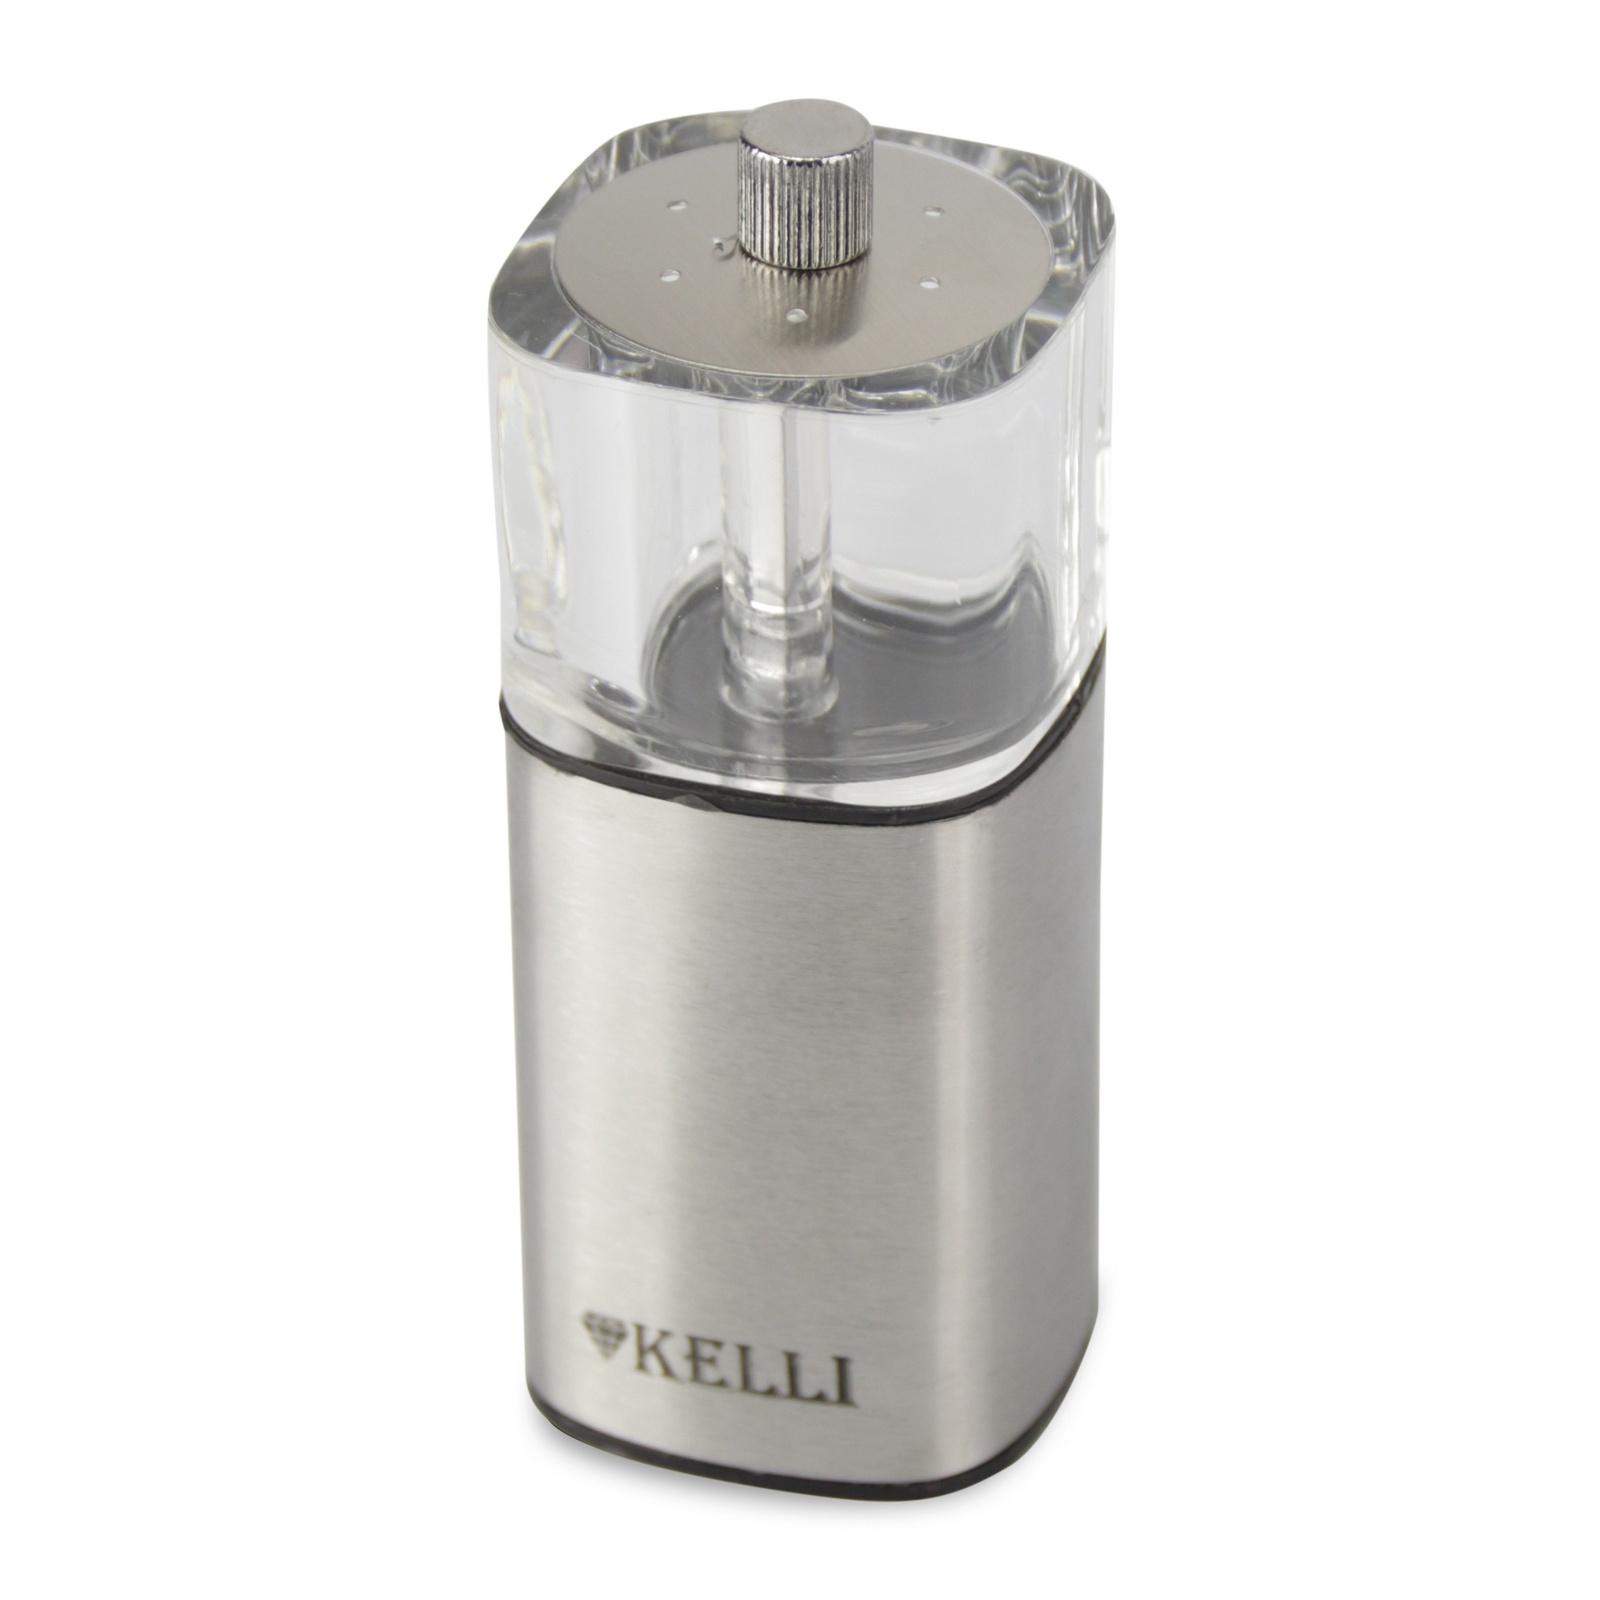 Мельница Kelli для перца-соли, KL-11125, 11.5 см, прозрачный цена